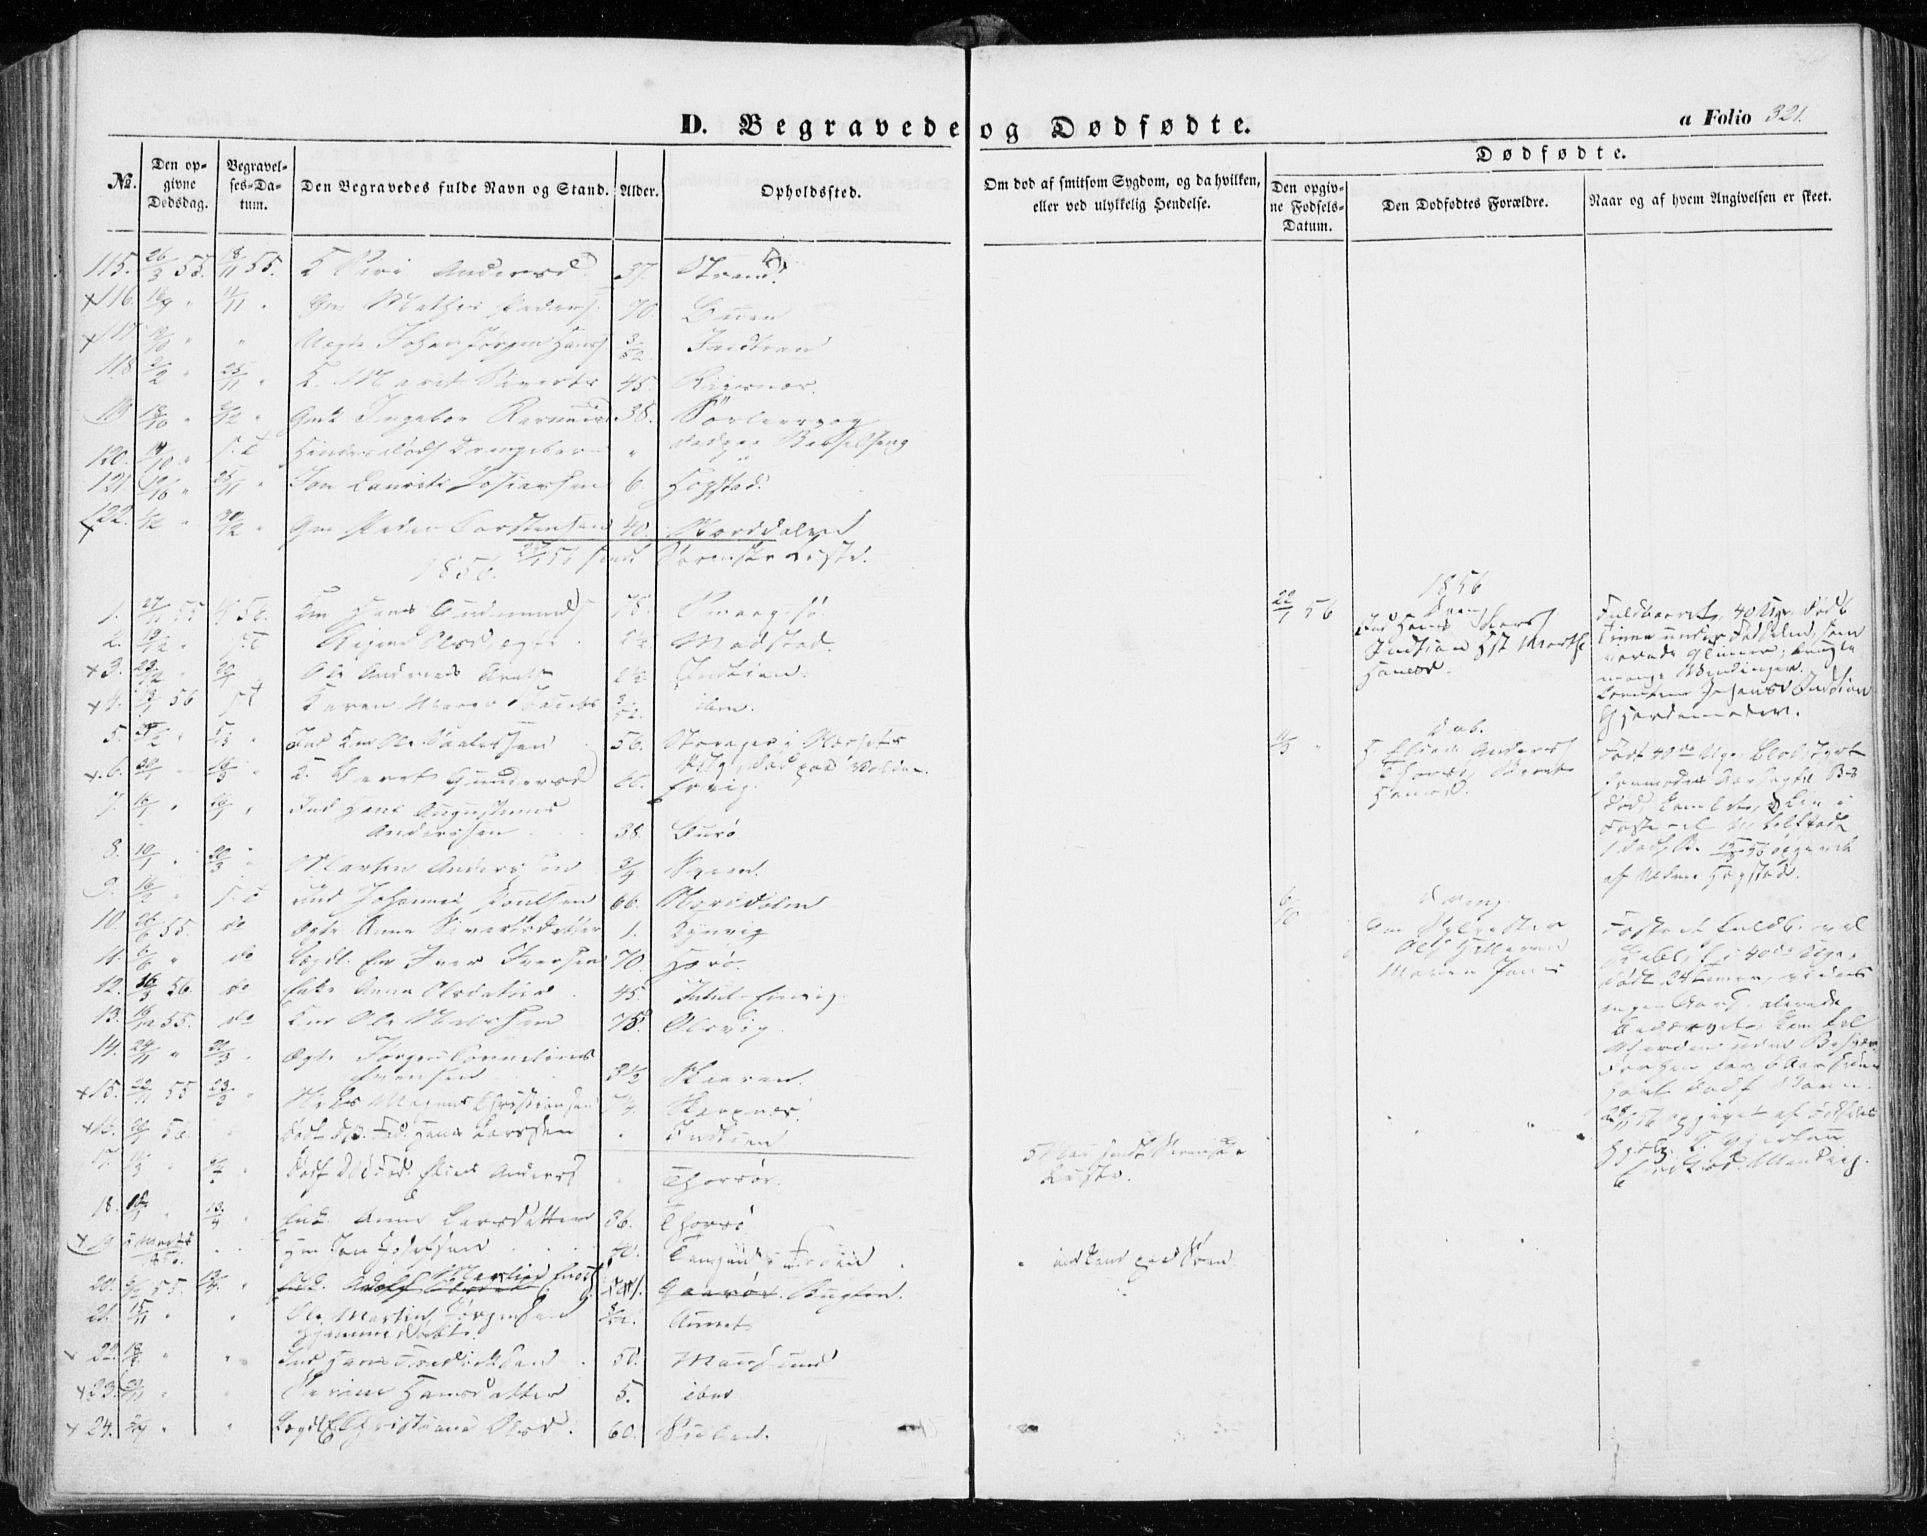 SAT, Ministerialprotokoller, klokkerbøker og fødselsregistre - Sør-Trøndelag, 634/L0530: Ministerialbok nr. 634A06, 1852-1860, s. 321